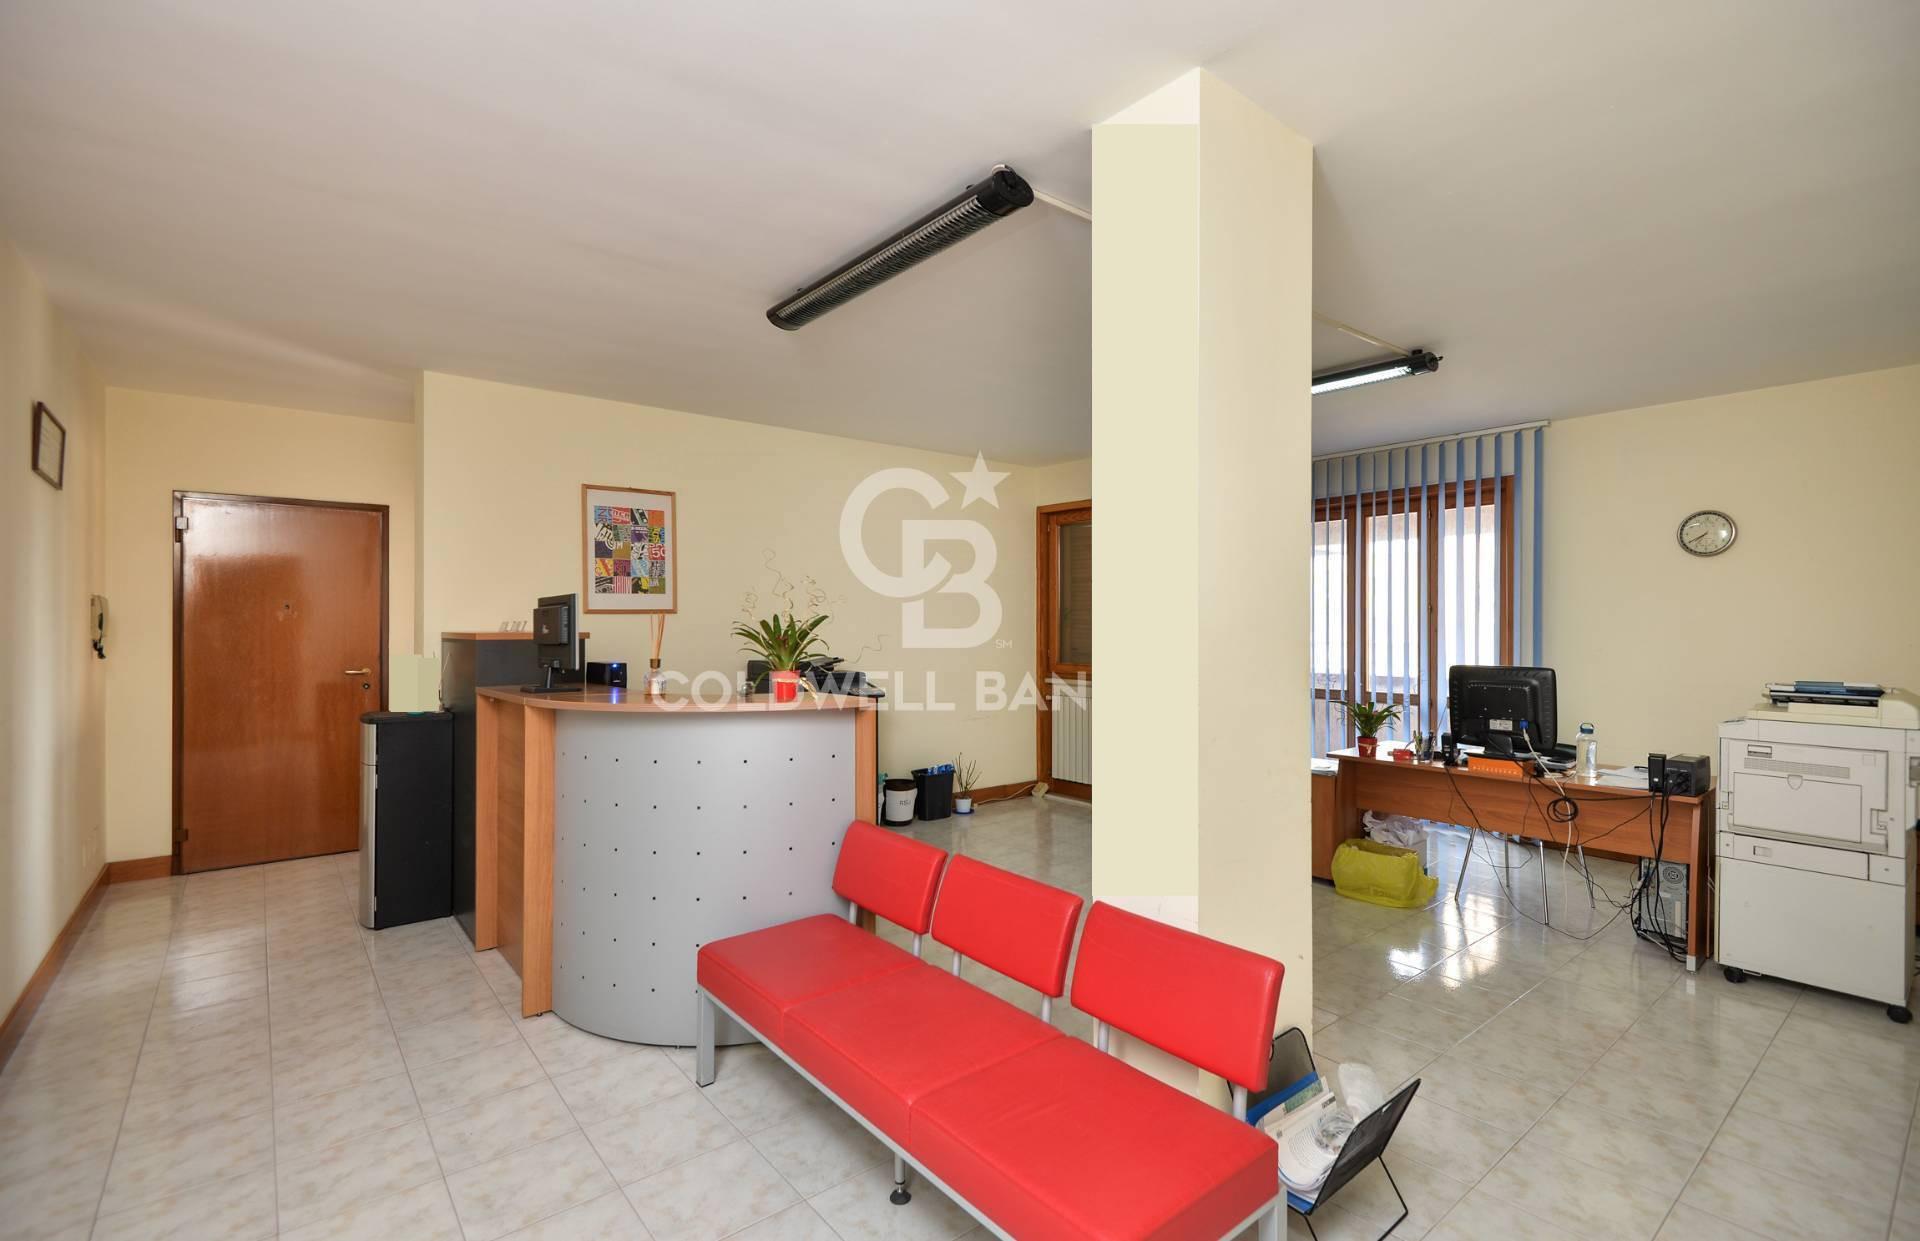 Appartamento, 164 Mq, Vendita - Lecce (Lecce)